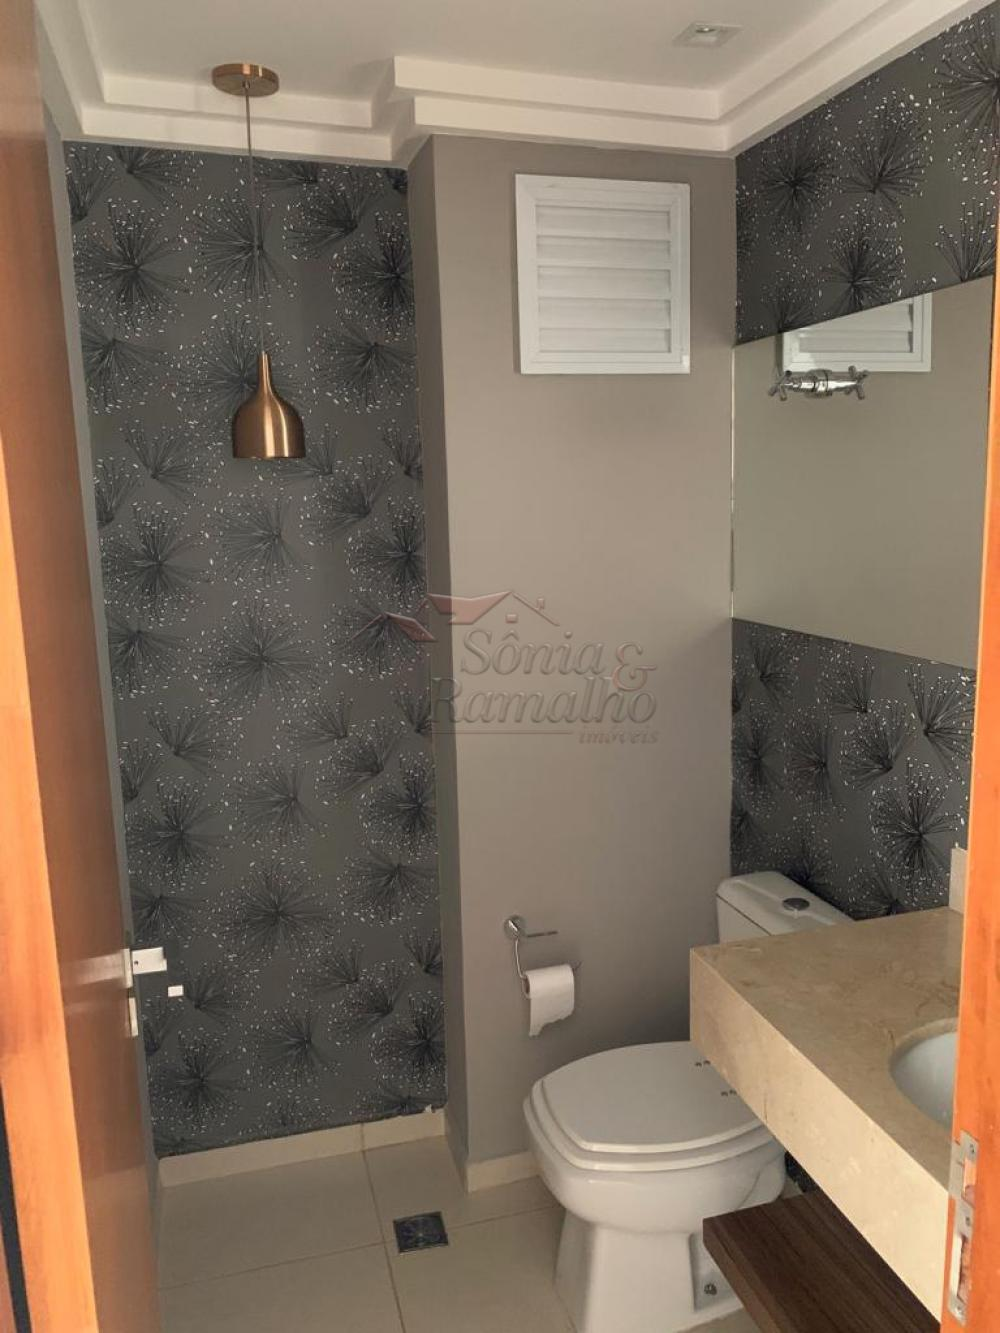 Comprar Apartamentos / Padrão em Ribeirão Preto apenas R$ 490.000,00 - Foto 18